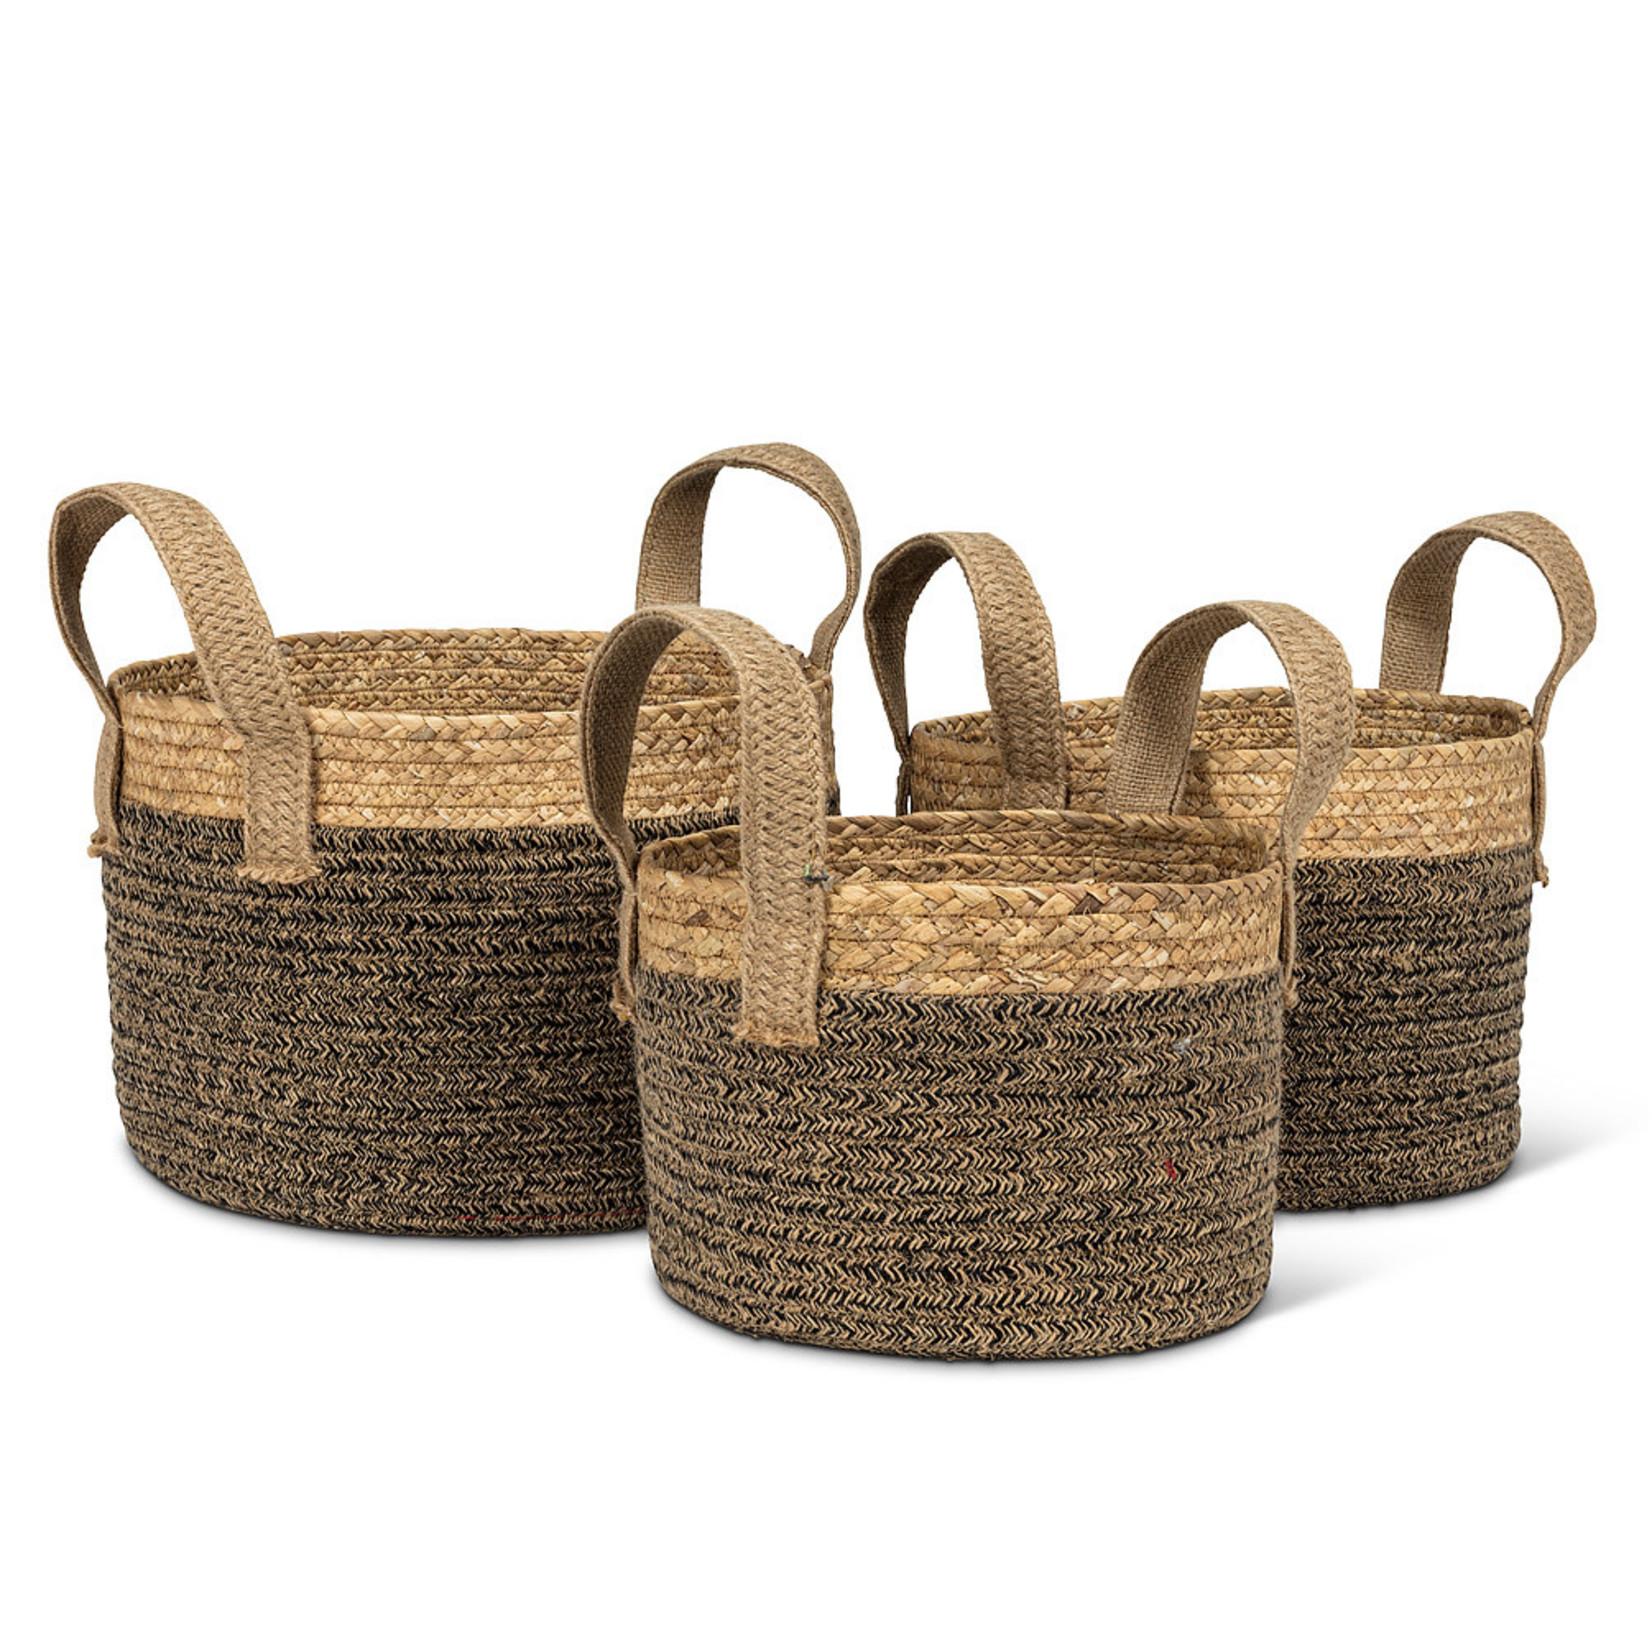 Abbott Abbott Large Handled Basket